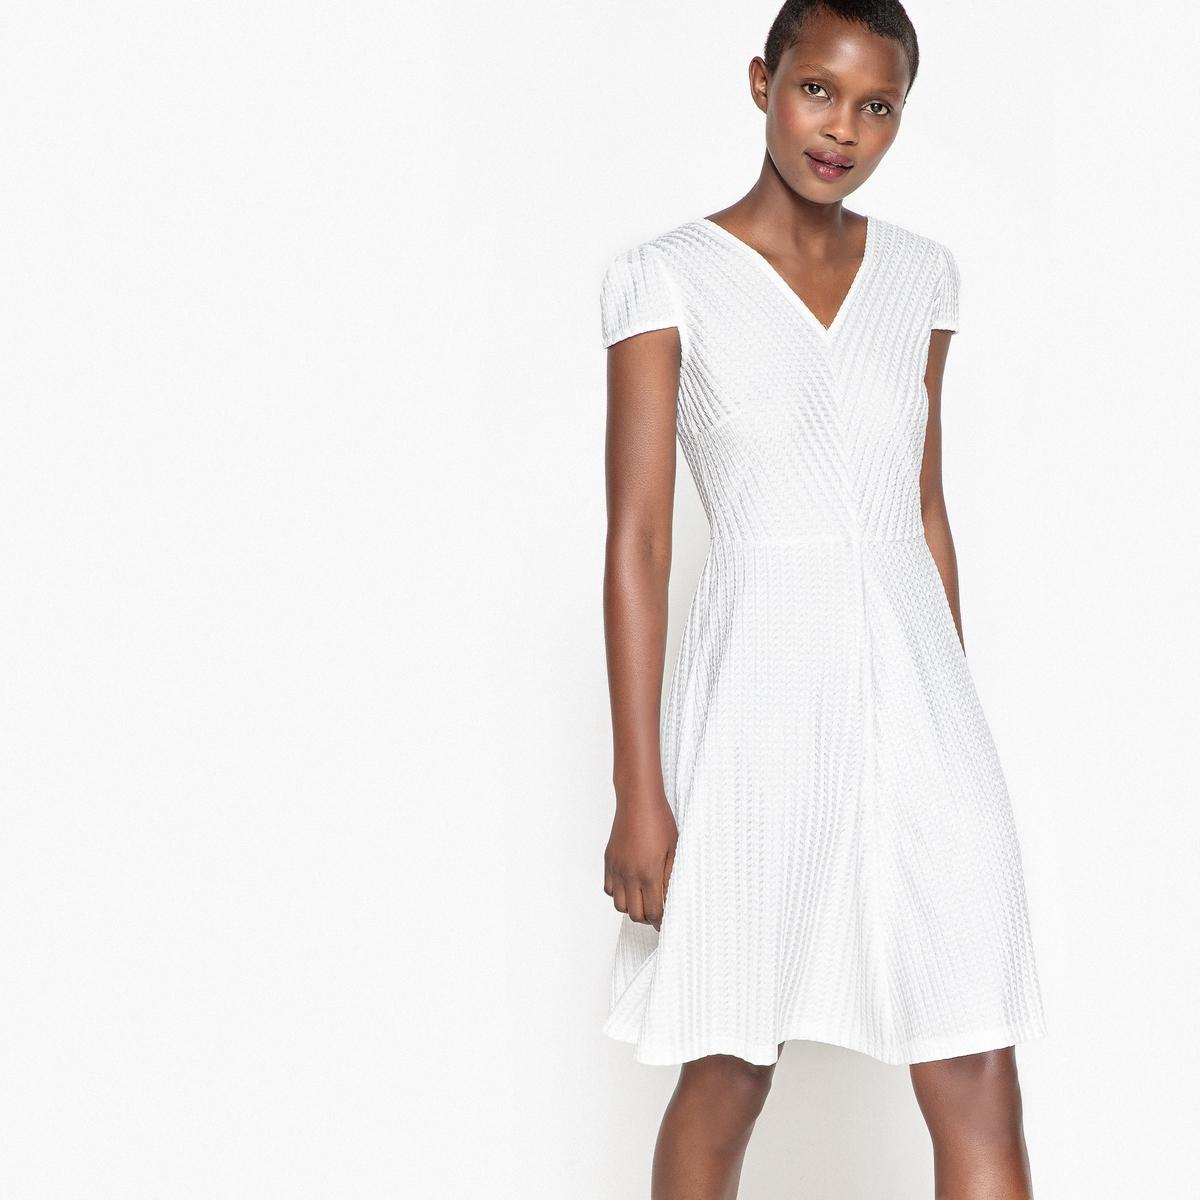 Платье с V-образным вырезом и короткими рукавами lovaru ™ 2015 летний стиль женщин моды платье без рукавов мини v образным вырезом высокое качество мягкие и удобные платья горячей продажи